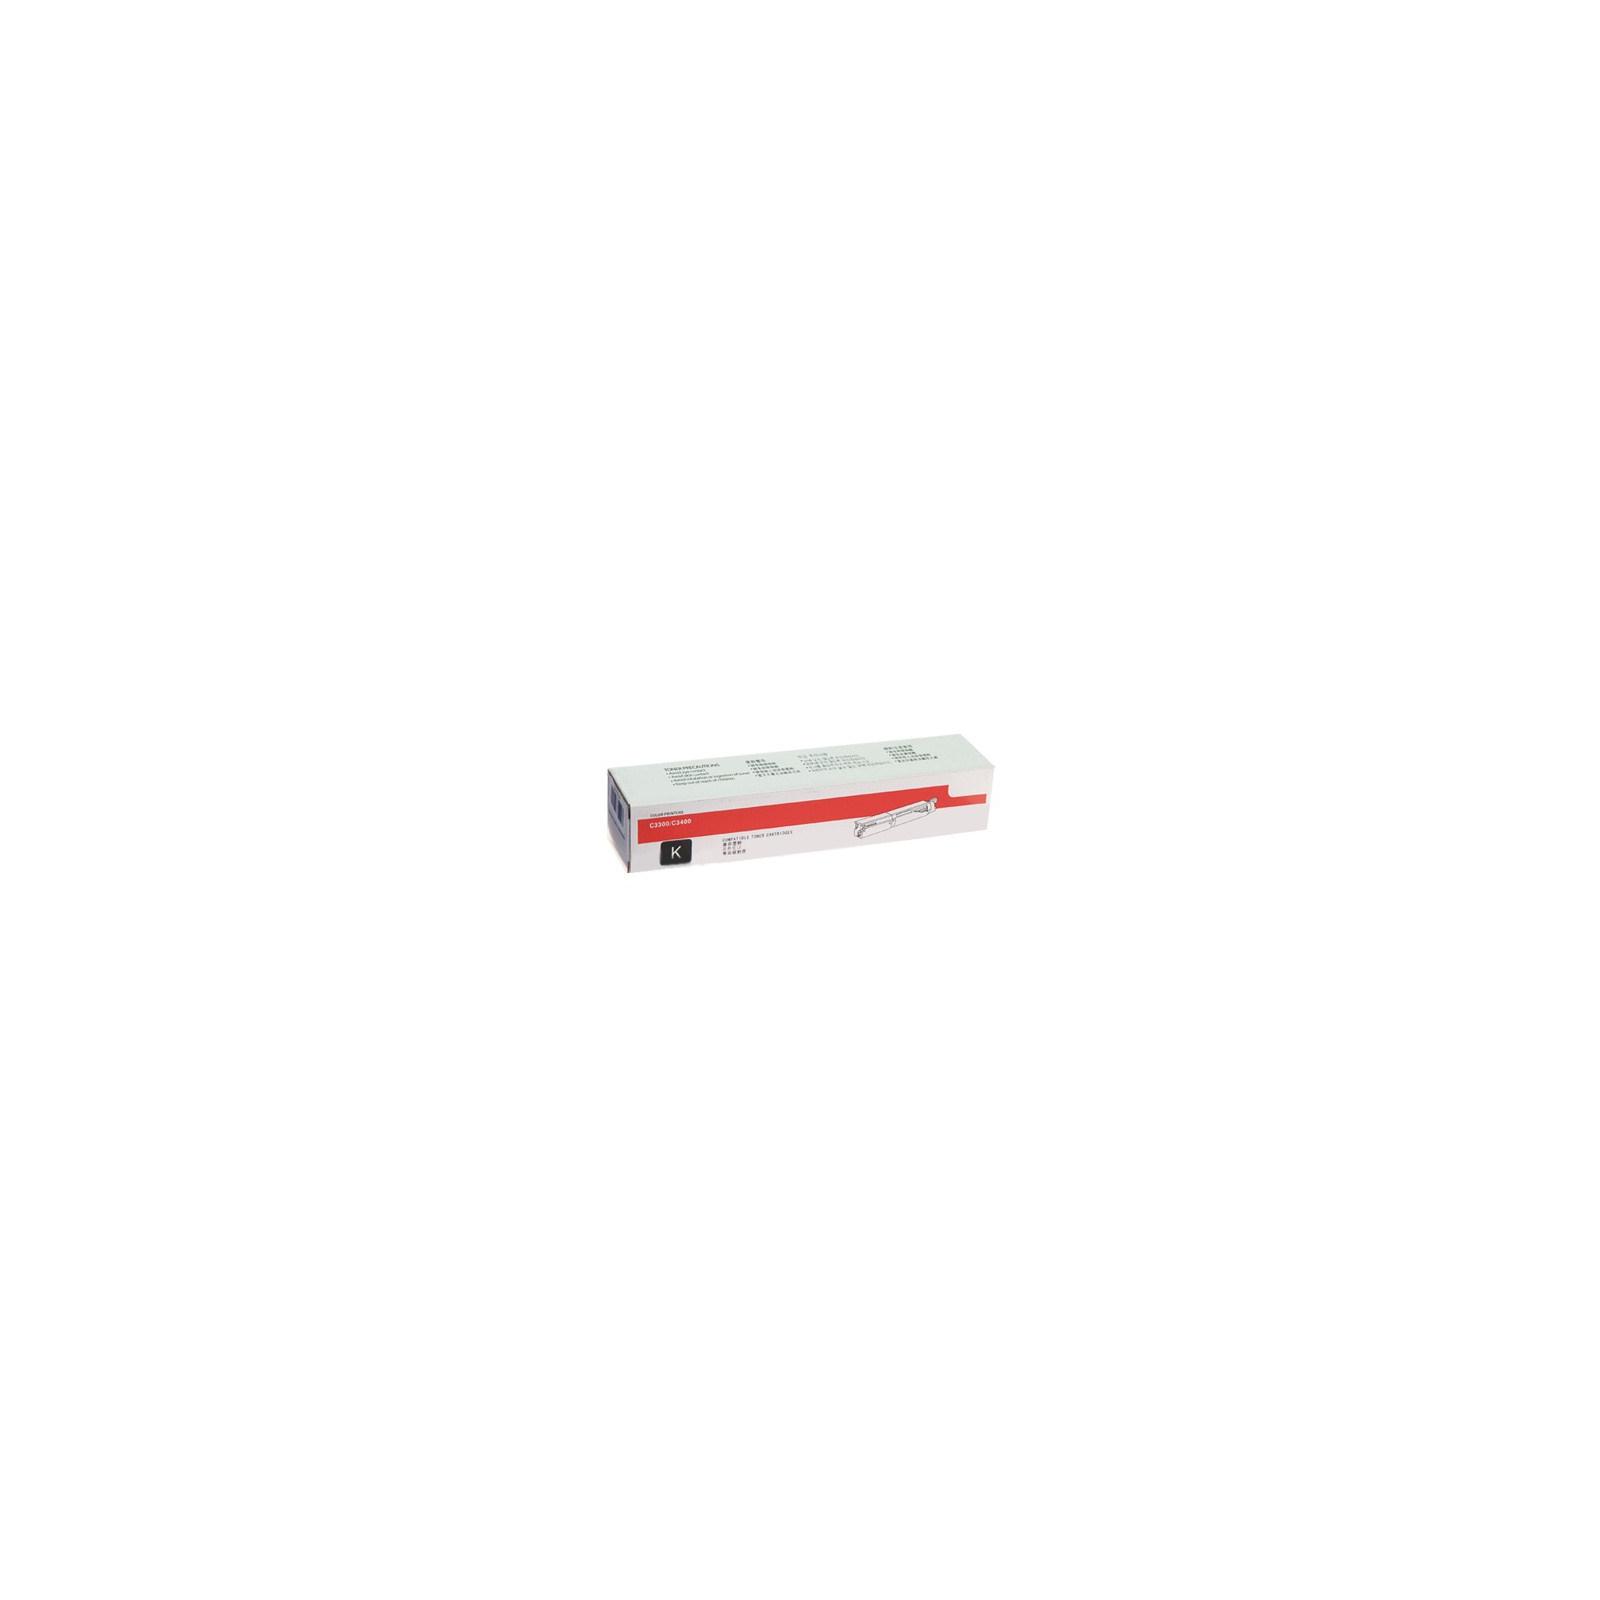 Картридж VTC для OKI C3300/C3400 Black (VT-O3300Bk)